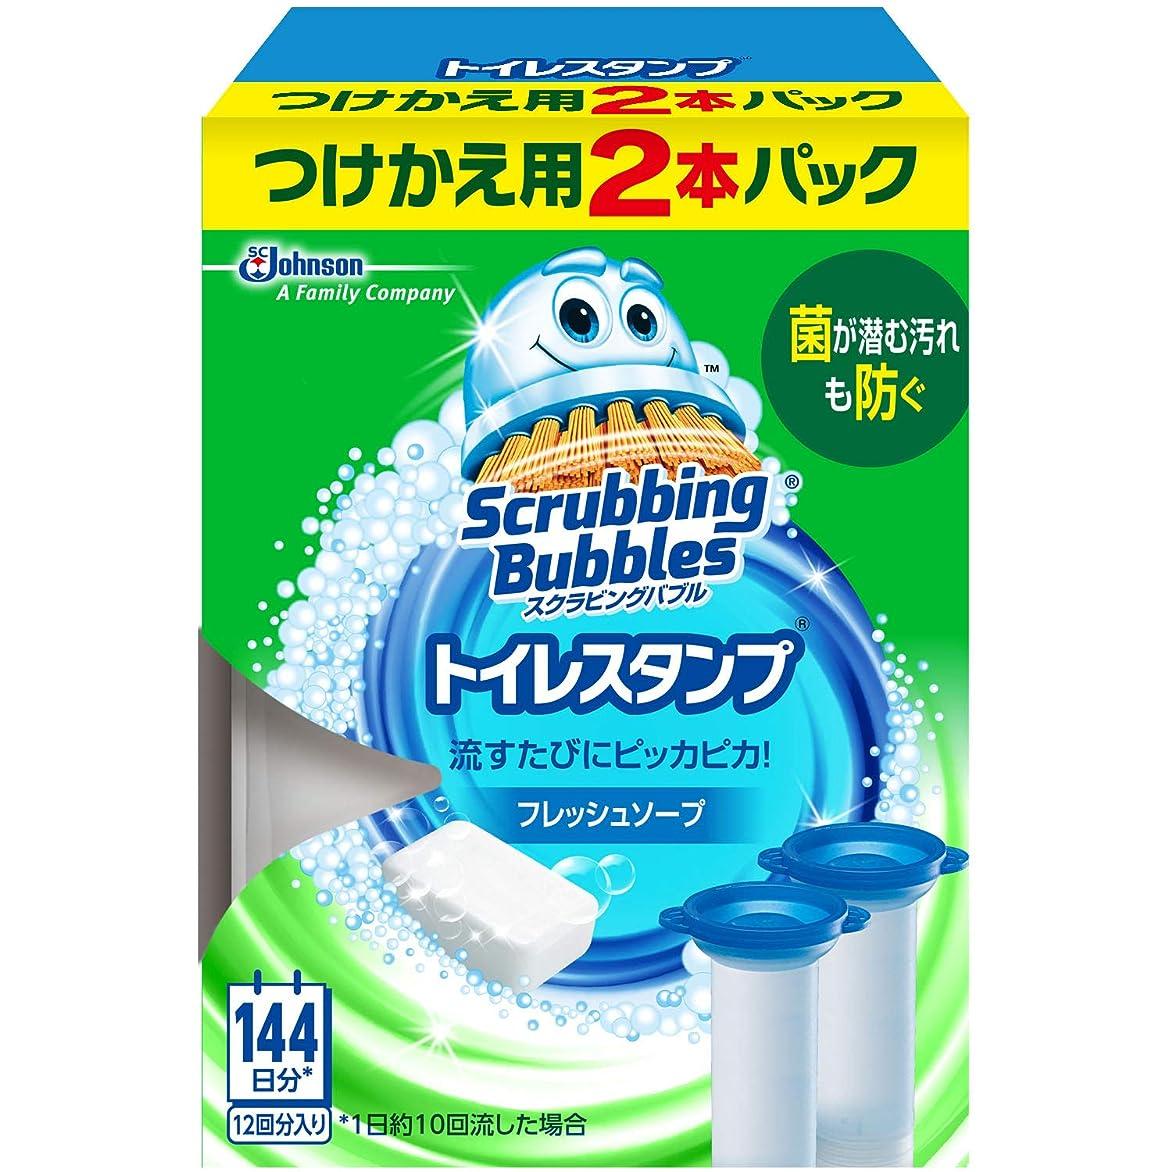 休戦うぬぼれ窒素スクラビングバブル トイレ洗浄剤 トイレスタンプクリーナー フレッシュソープの香り 付替用2本 38g×2本